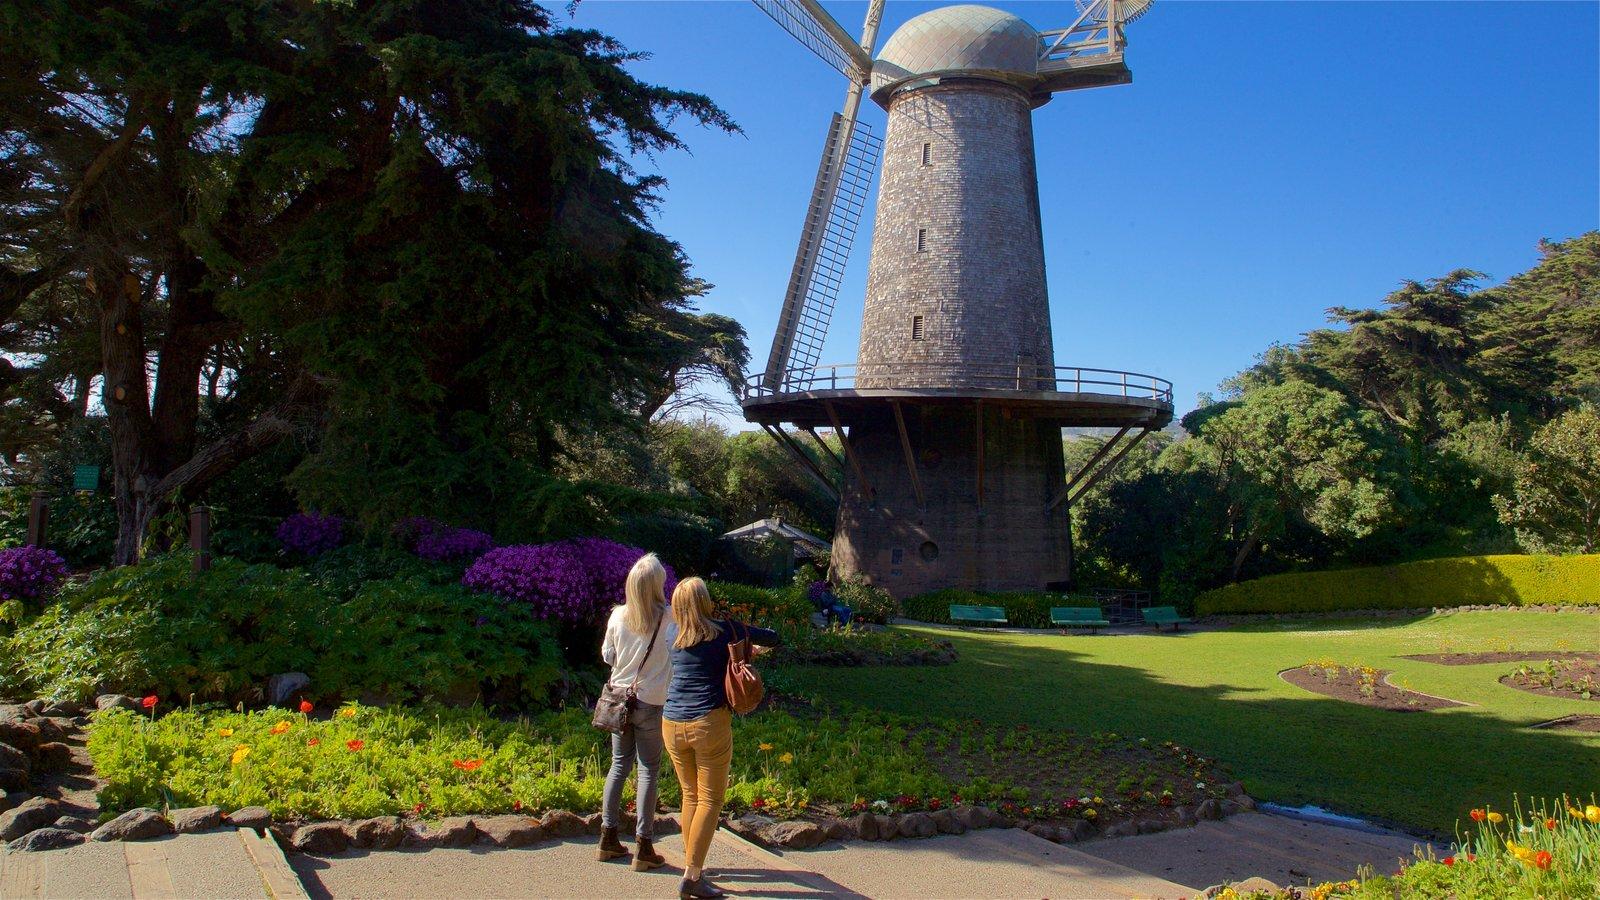 Golden Gate Park mostrando um parque assim como um casal